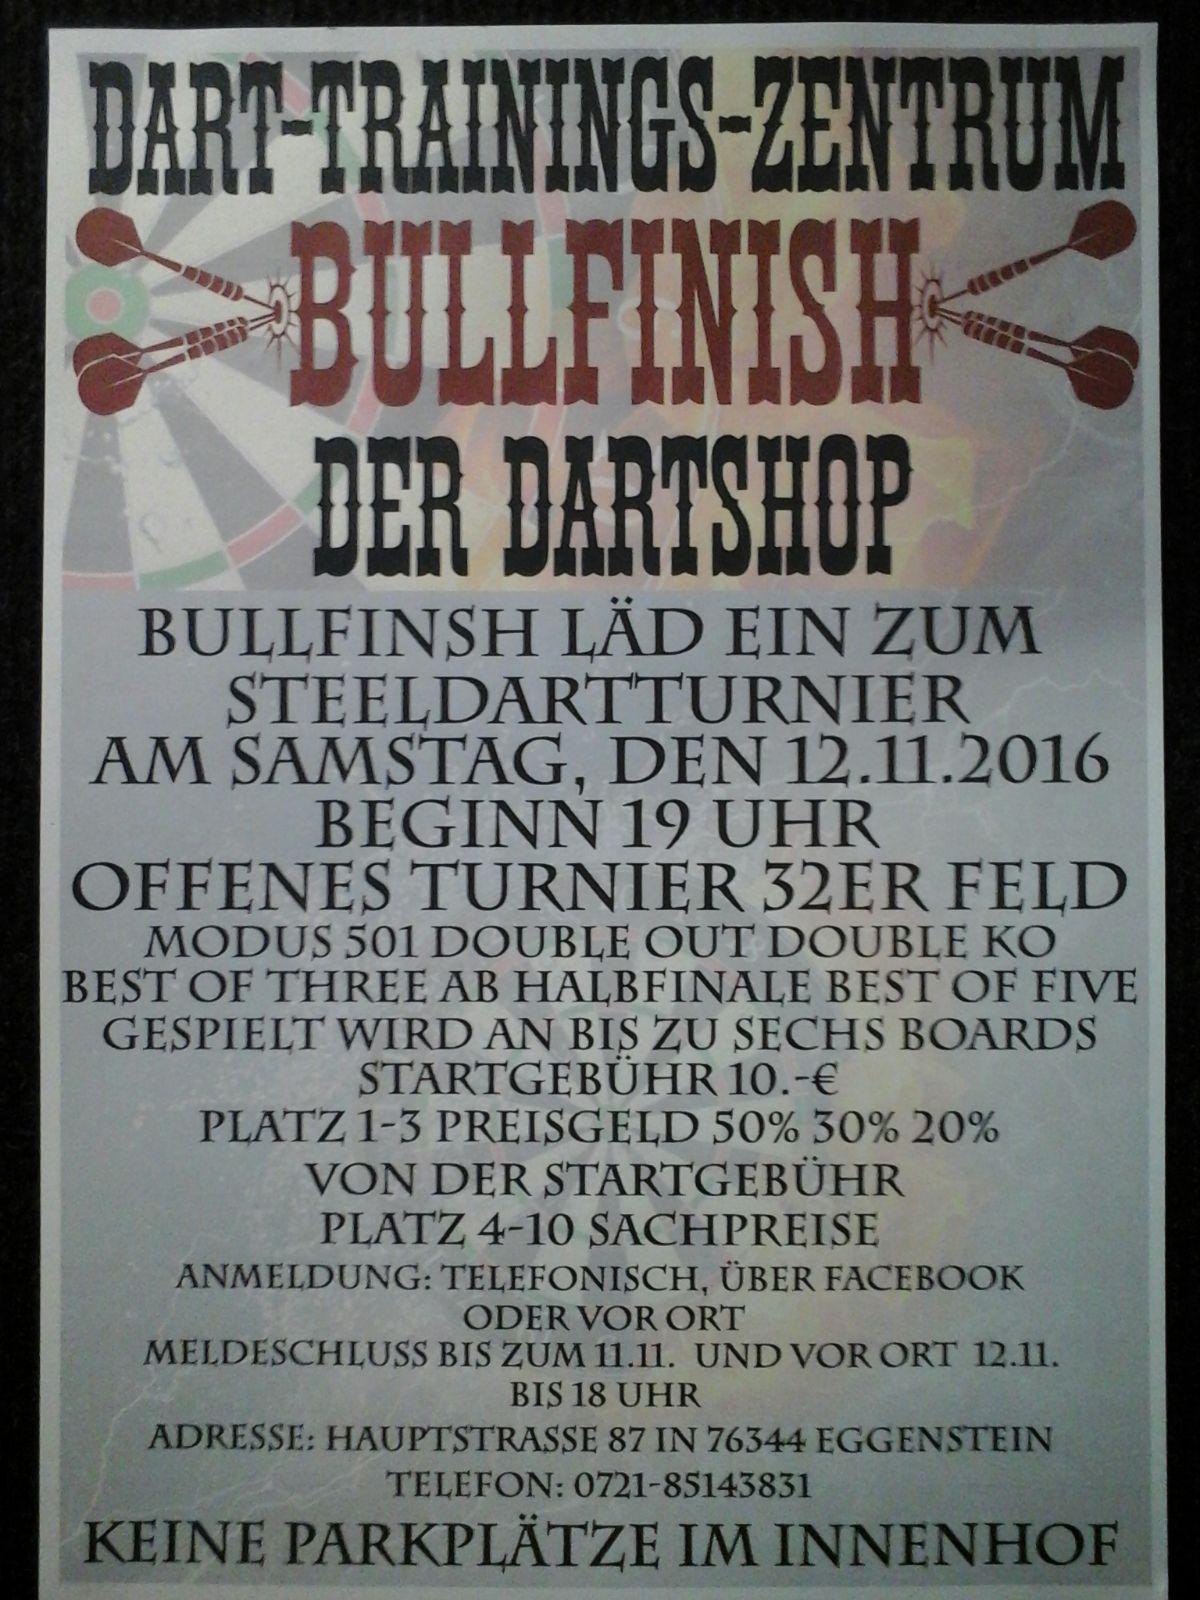 bullfinish